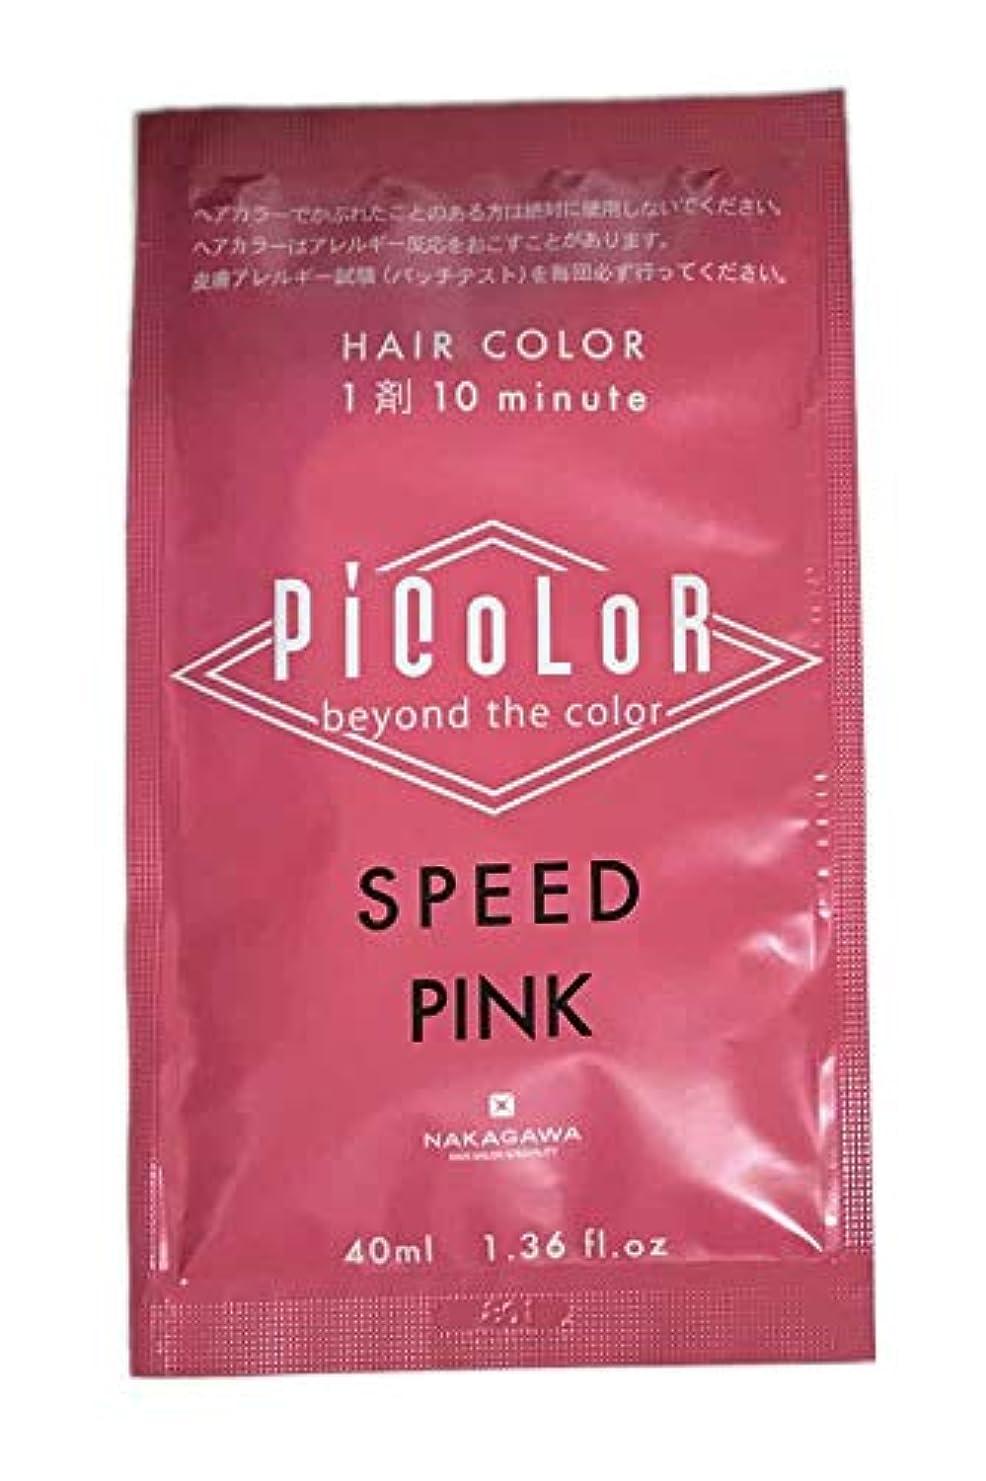 ムコタ PiCoLoR ピカラスピード+ 40ml(1剤) (ピンク)